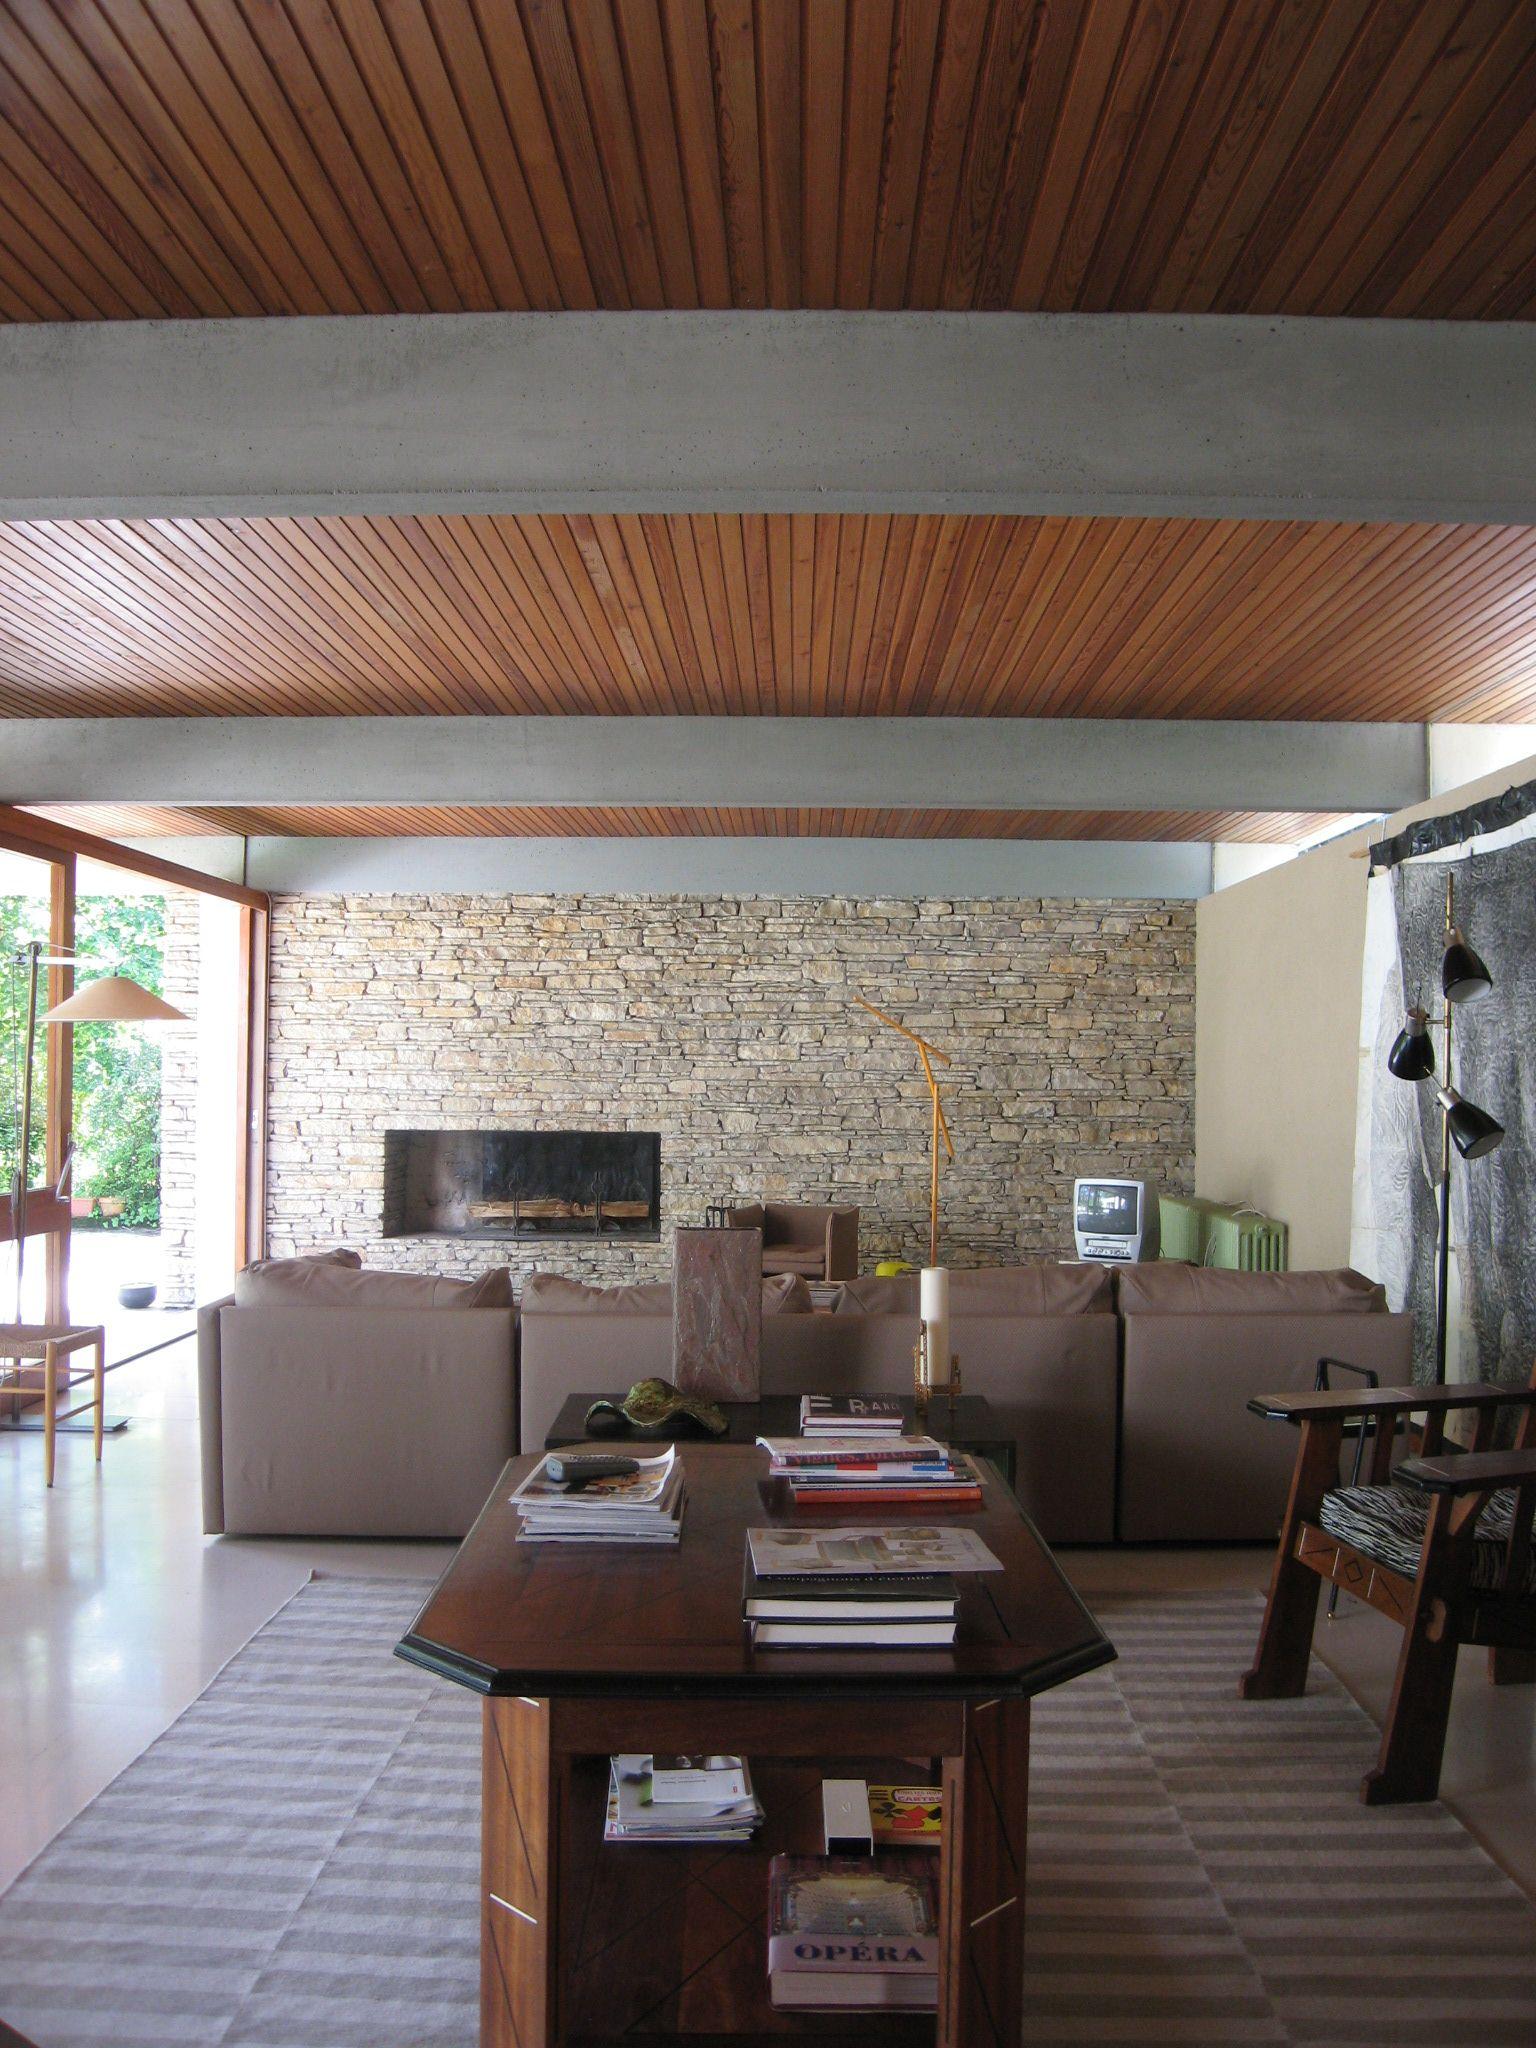 Maison ann es 60 proche bergerac france notre s lection for Architecte bergerac